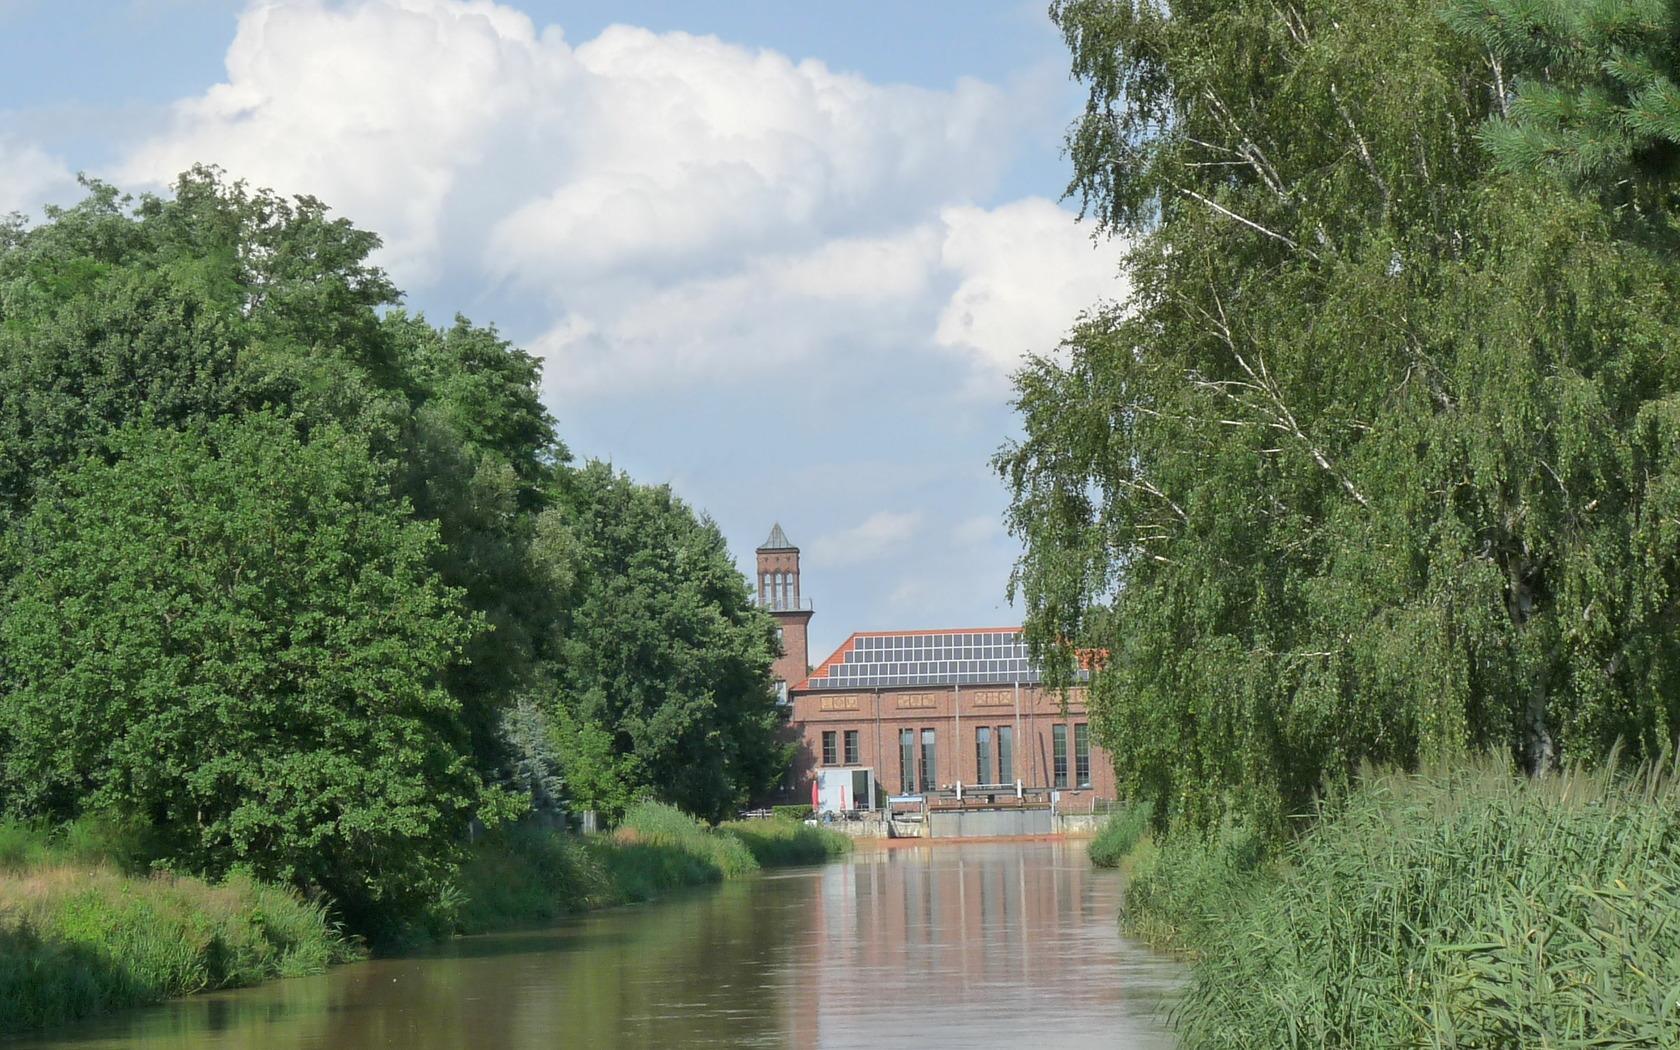 Wasserwerk Grießen-Kraftwerkskanal, Foto: Tourismusverband Niederlausitz e.V.